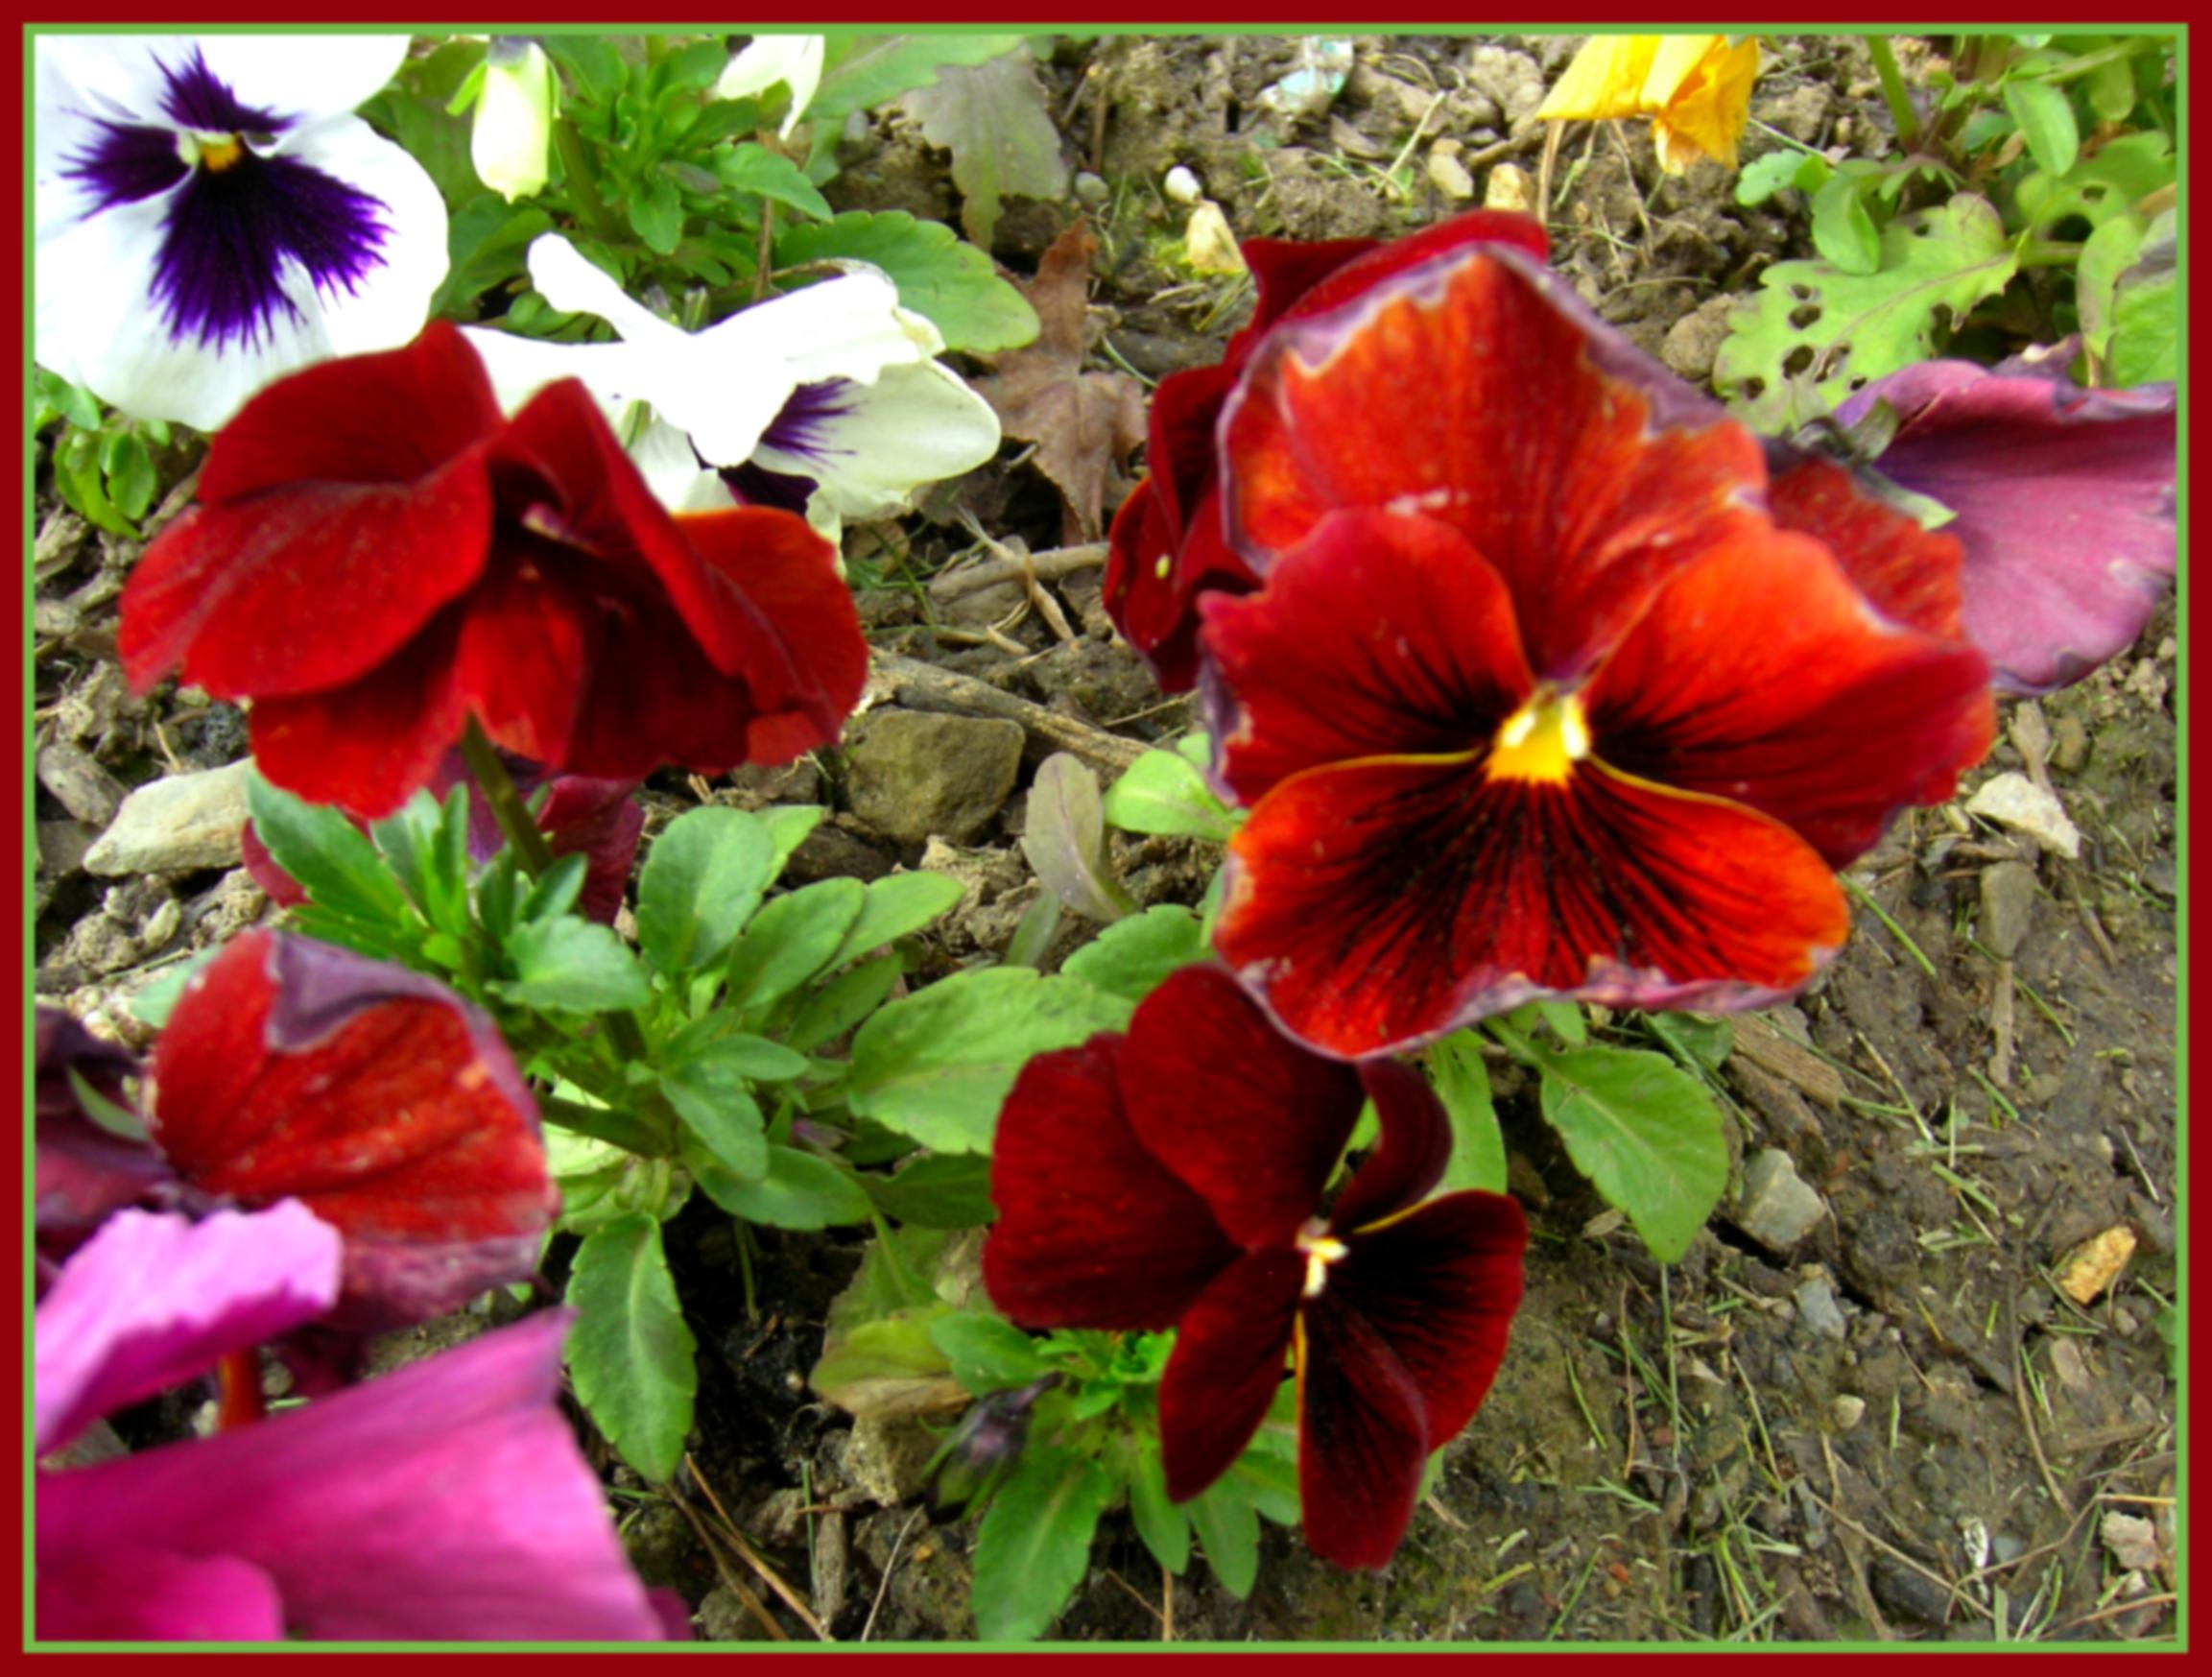 plantas jardins flores:Descarga la foto en su tamaño original © Todos los derechos